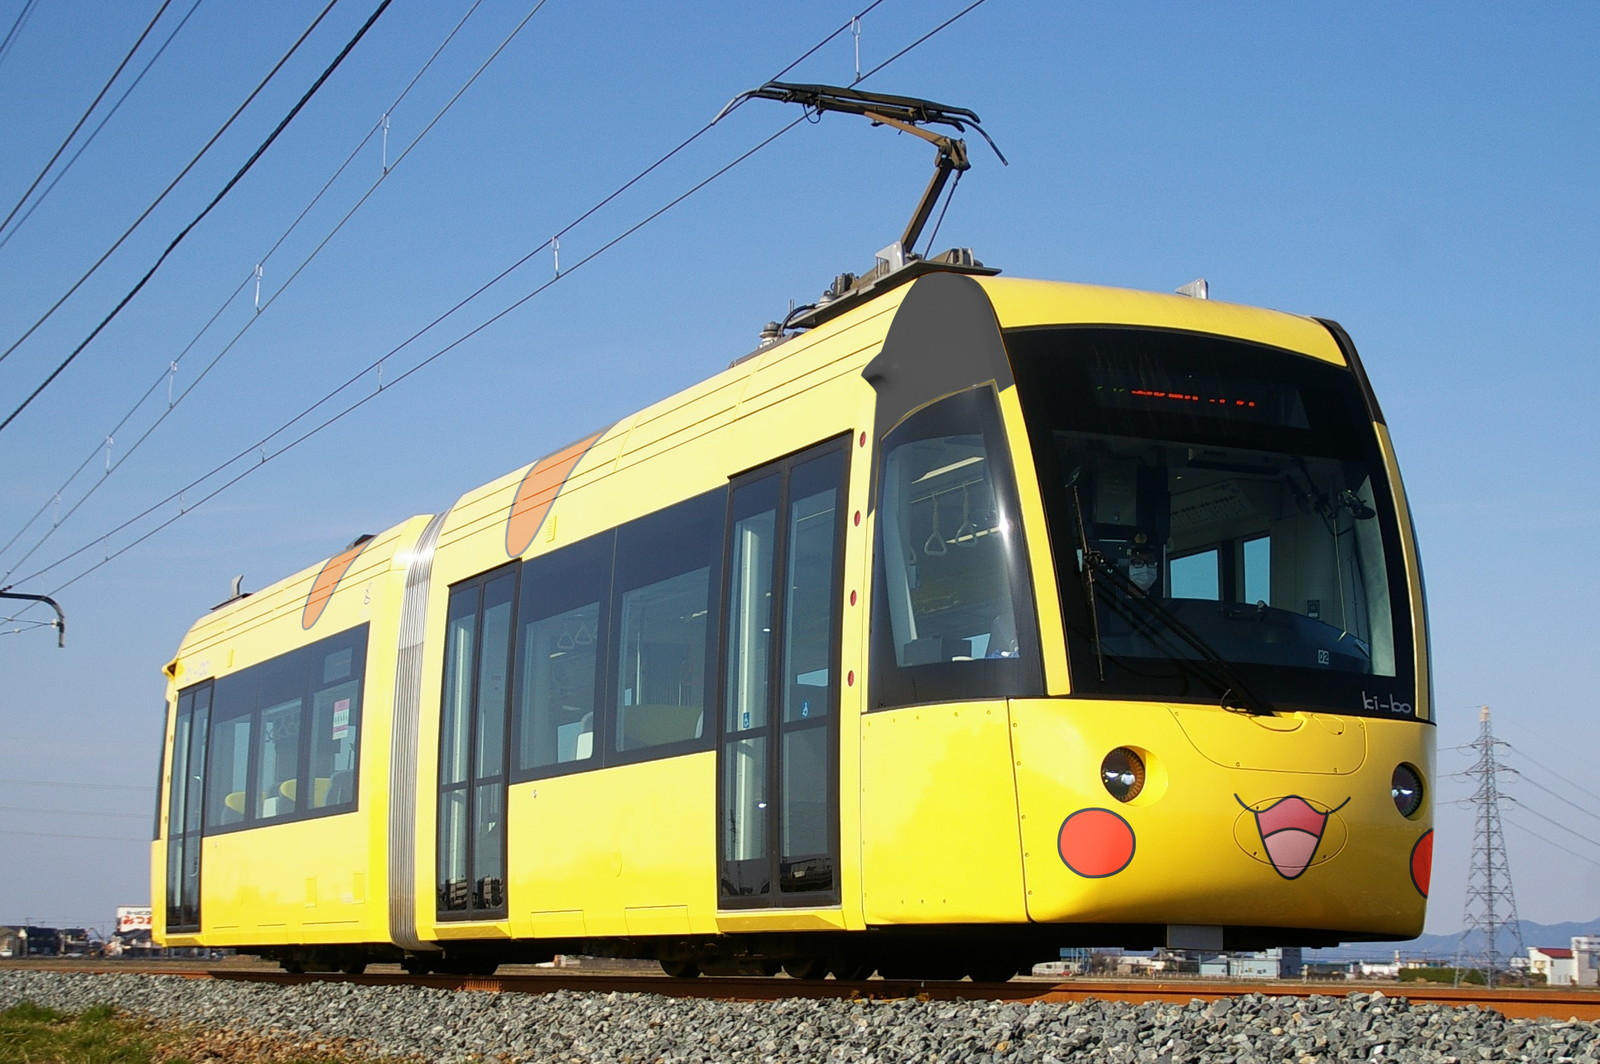 (使用例のウソ電)えちぜん鉄道L形のピカチュウデザイン